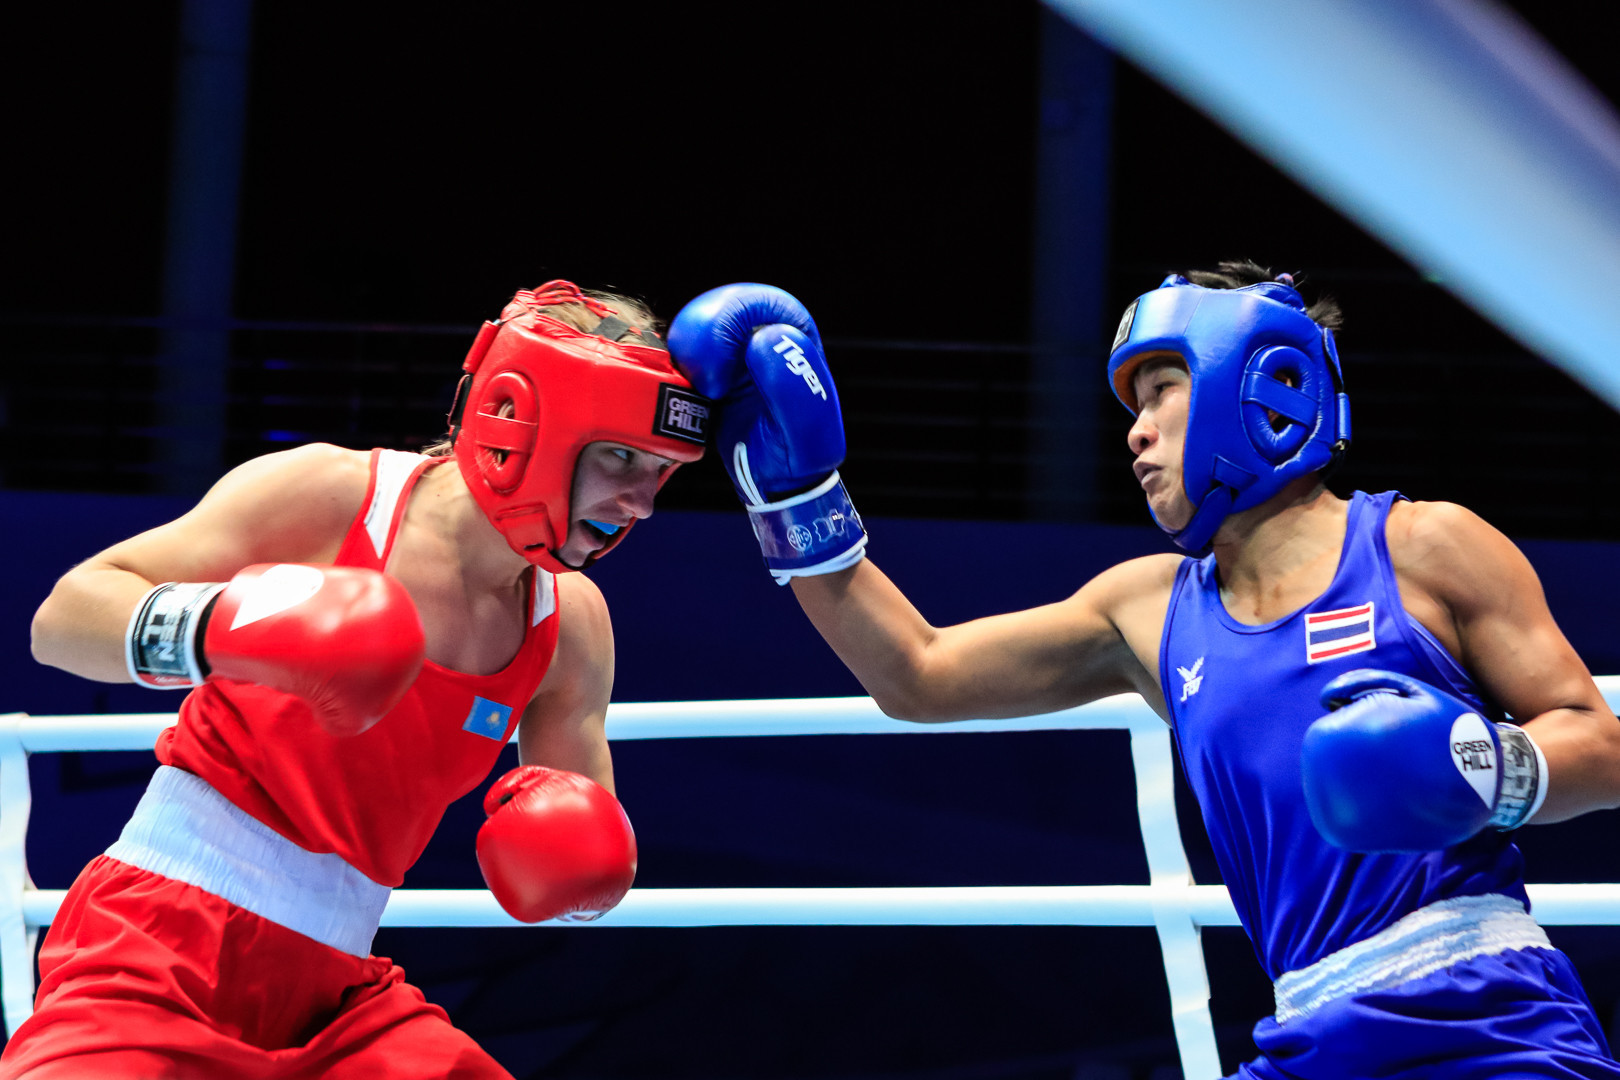 Sudapom Seesondee of Thailand defeated Rimma Volossenko of Kazakhstan 4-1 ©AIBA